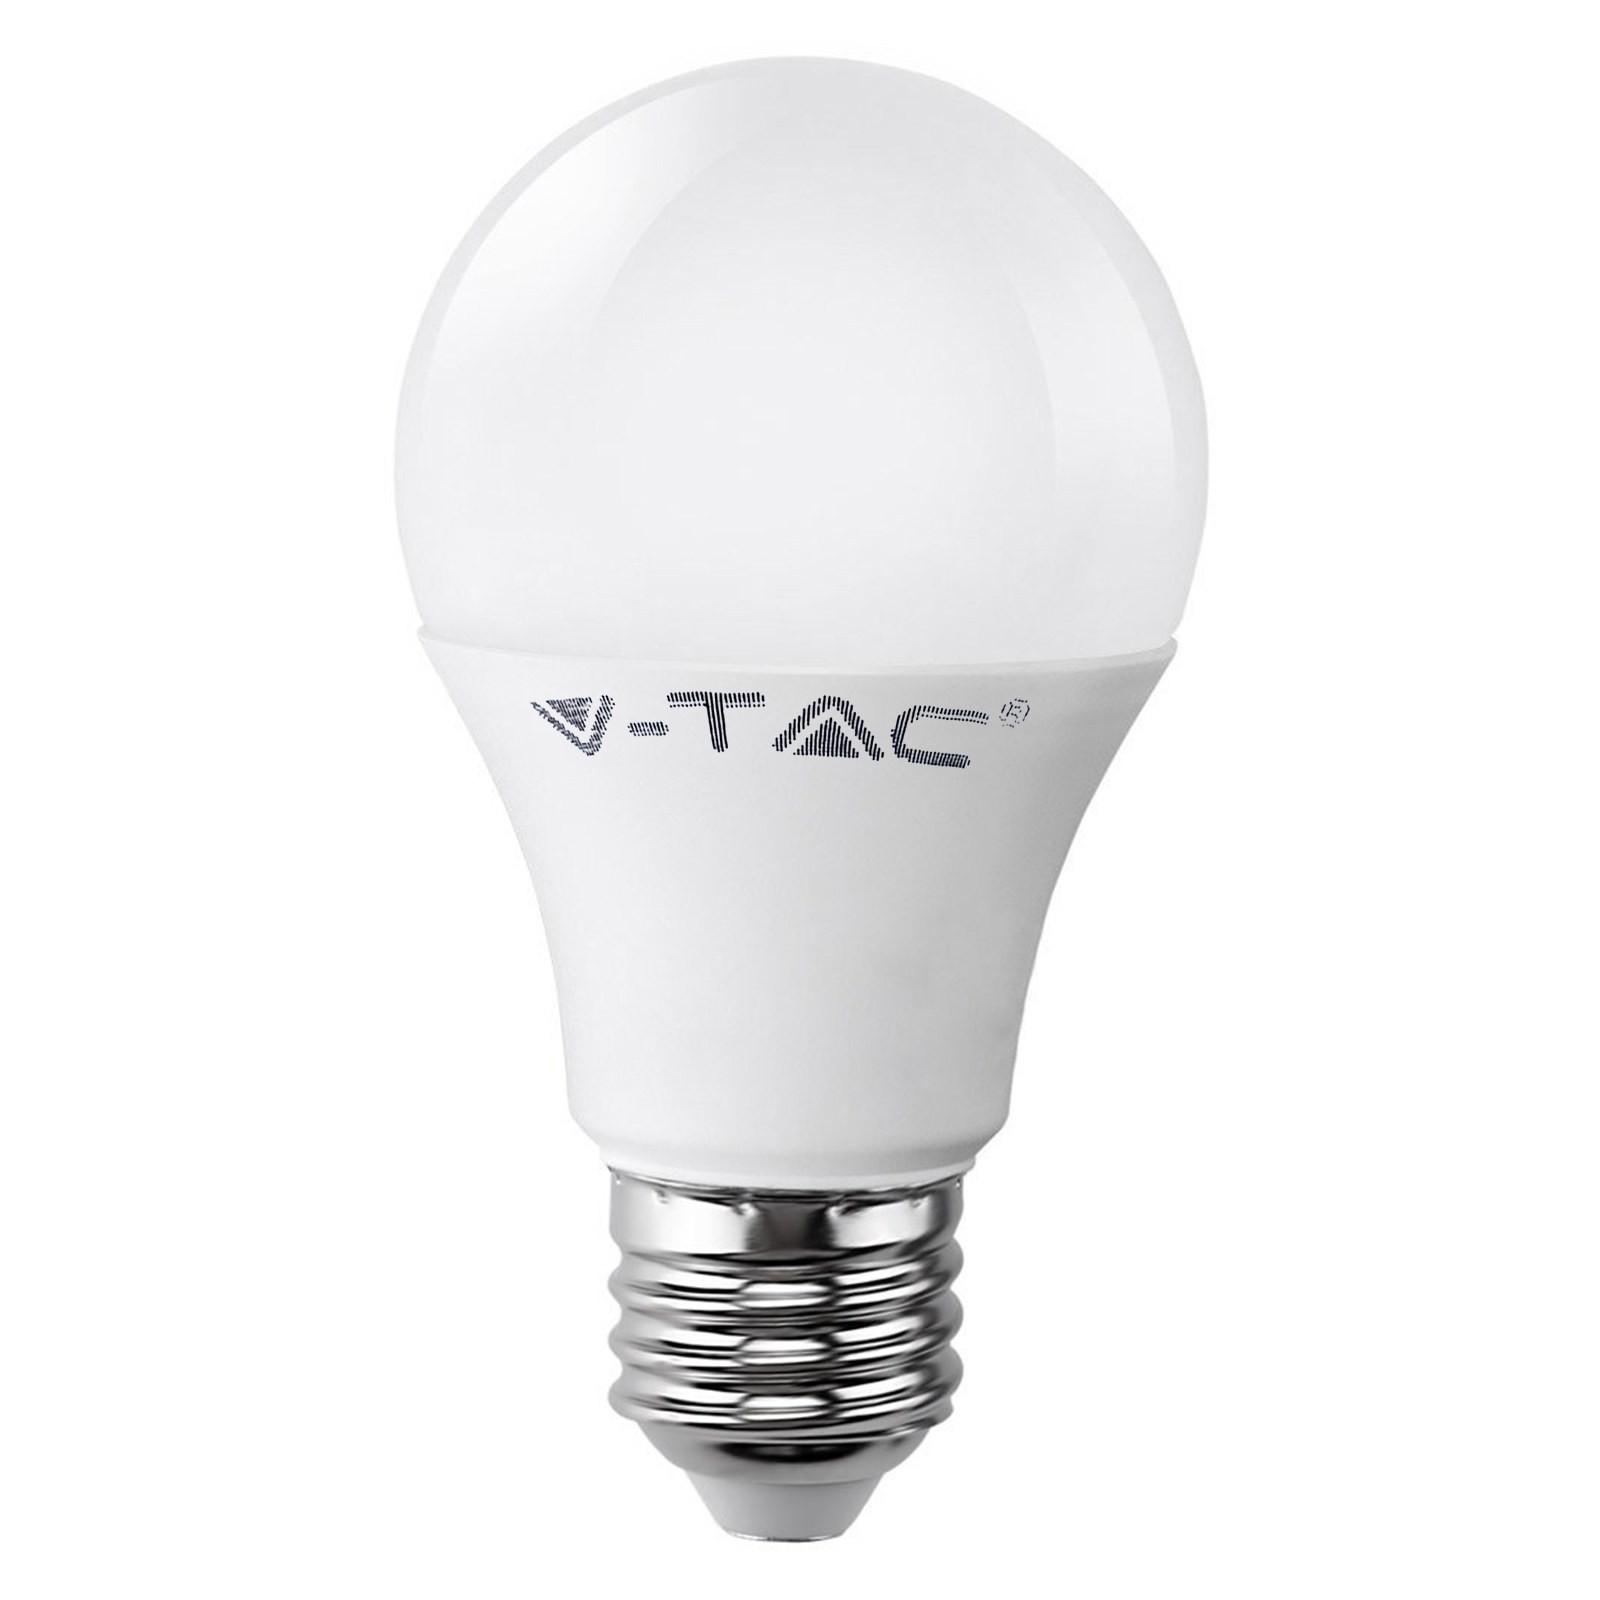 Lampadina Lampada LED Bulb V-TAC E27 VT-1853 10 Watt Luce Bianca Calda 806 Lumen